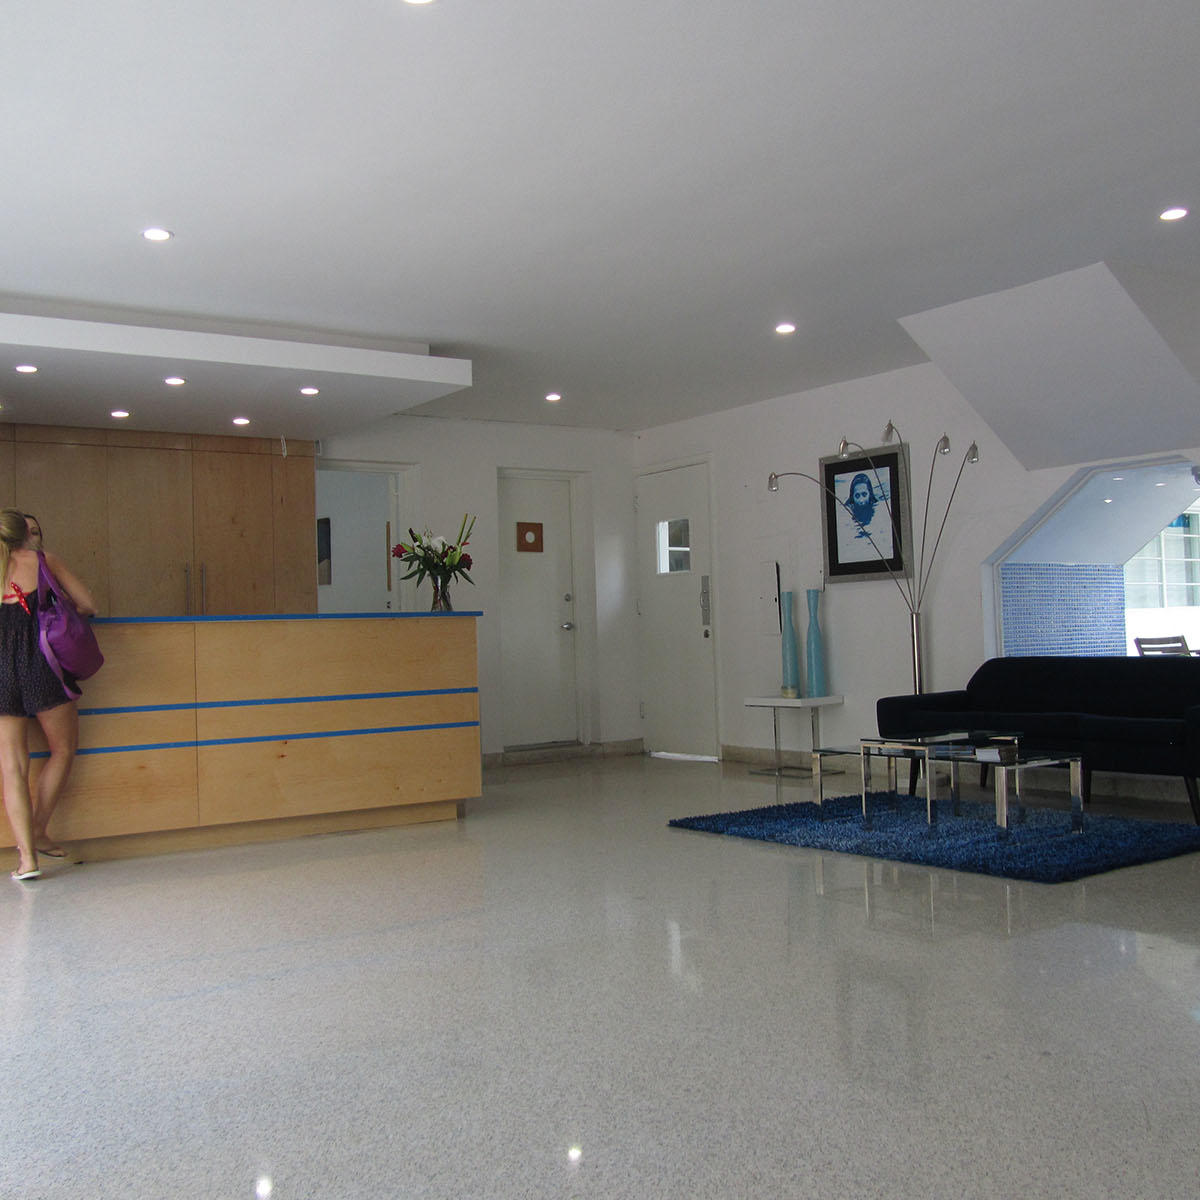 Reception area